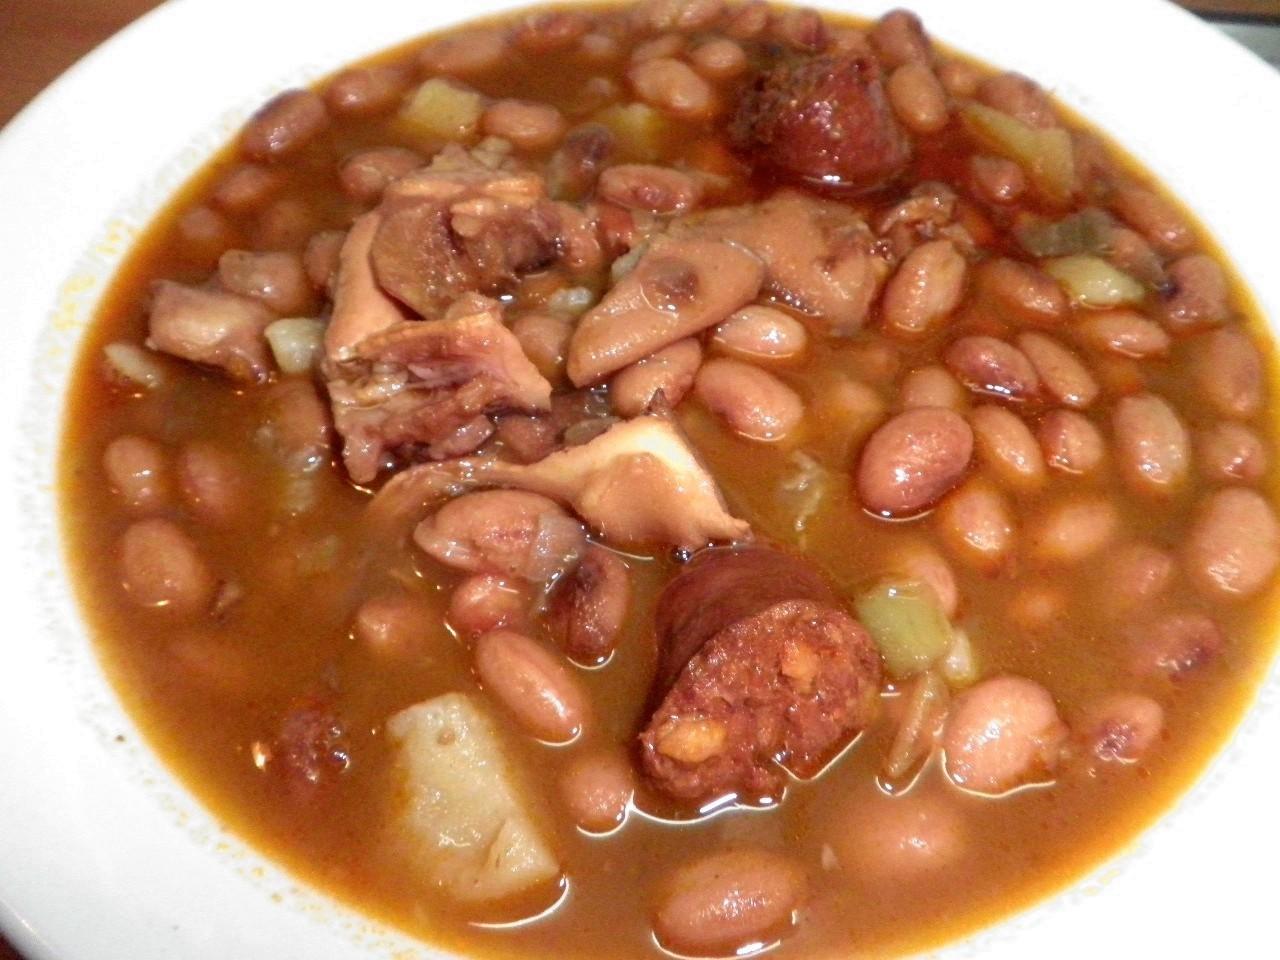 Sabores y tradiciones caparrones con oreja - Judias pintas con arroz olla express ...